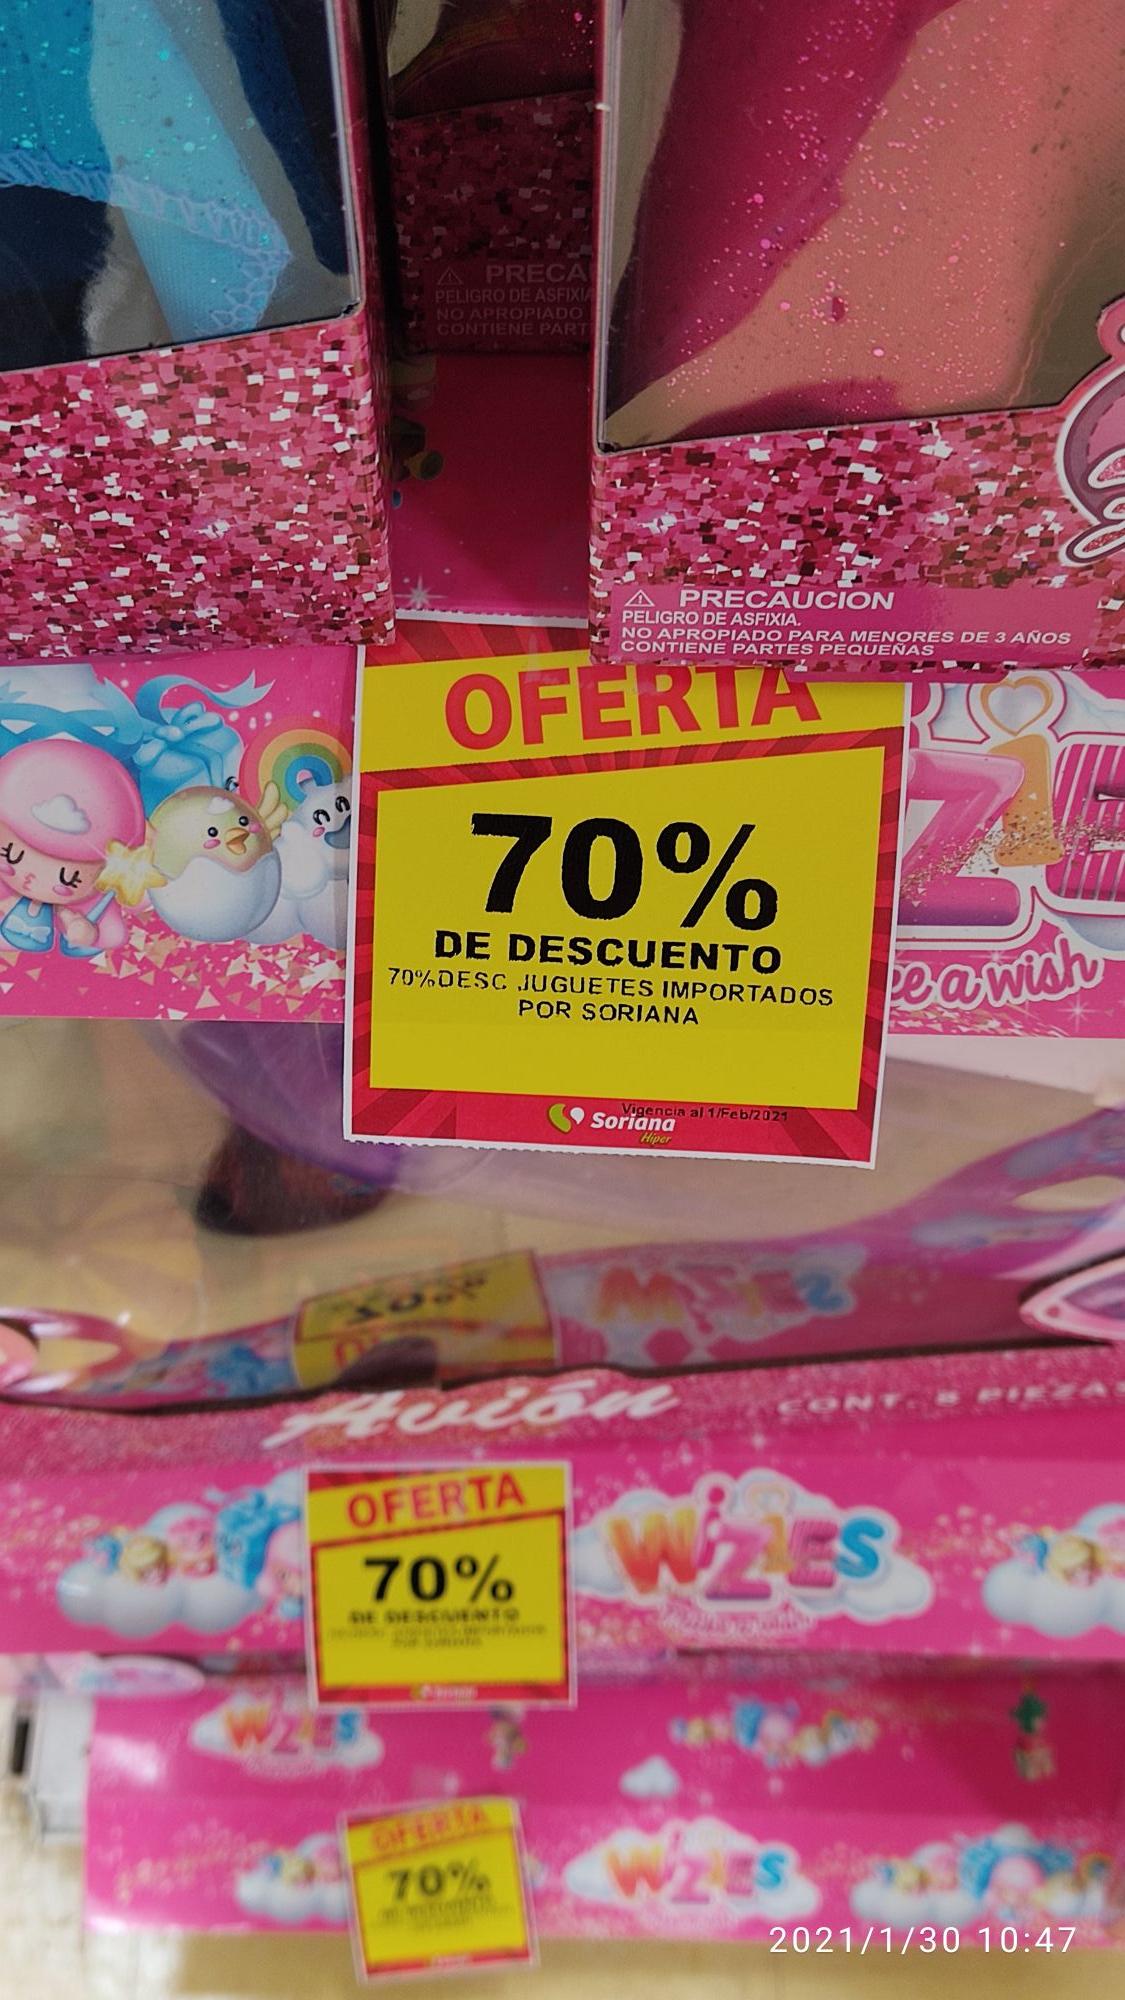 70% descuento en juguetes Importados Soriana